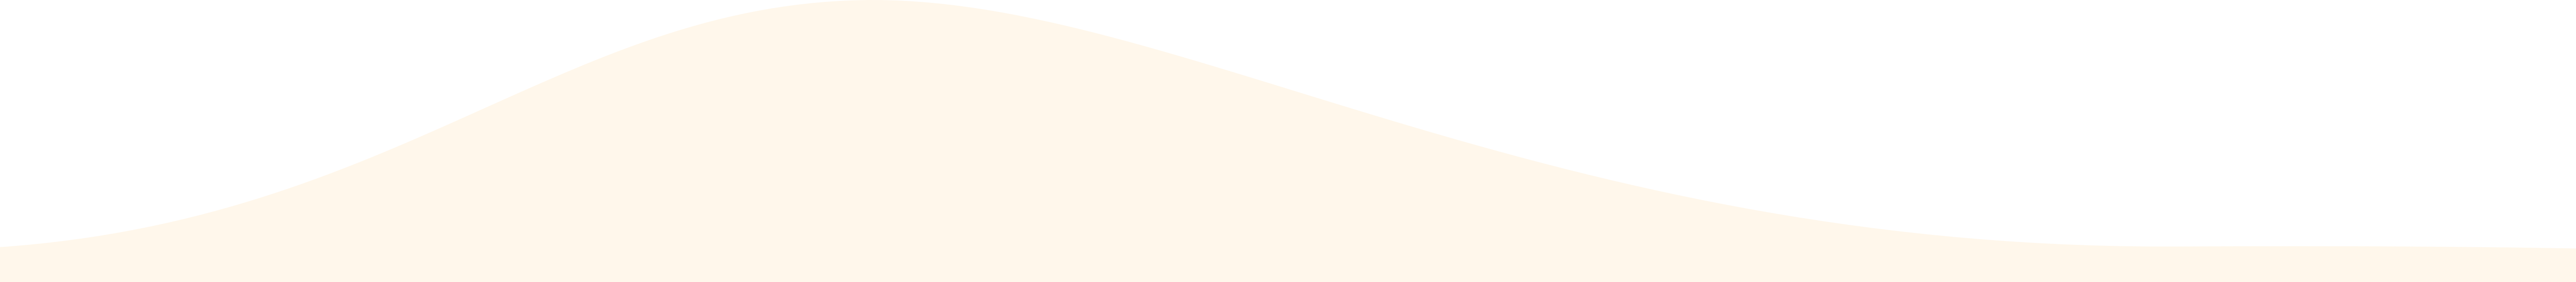 cream wave